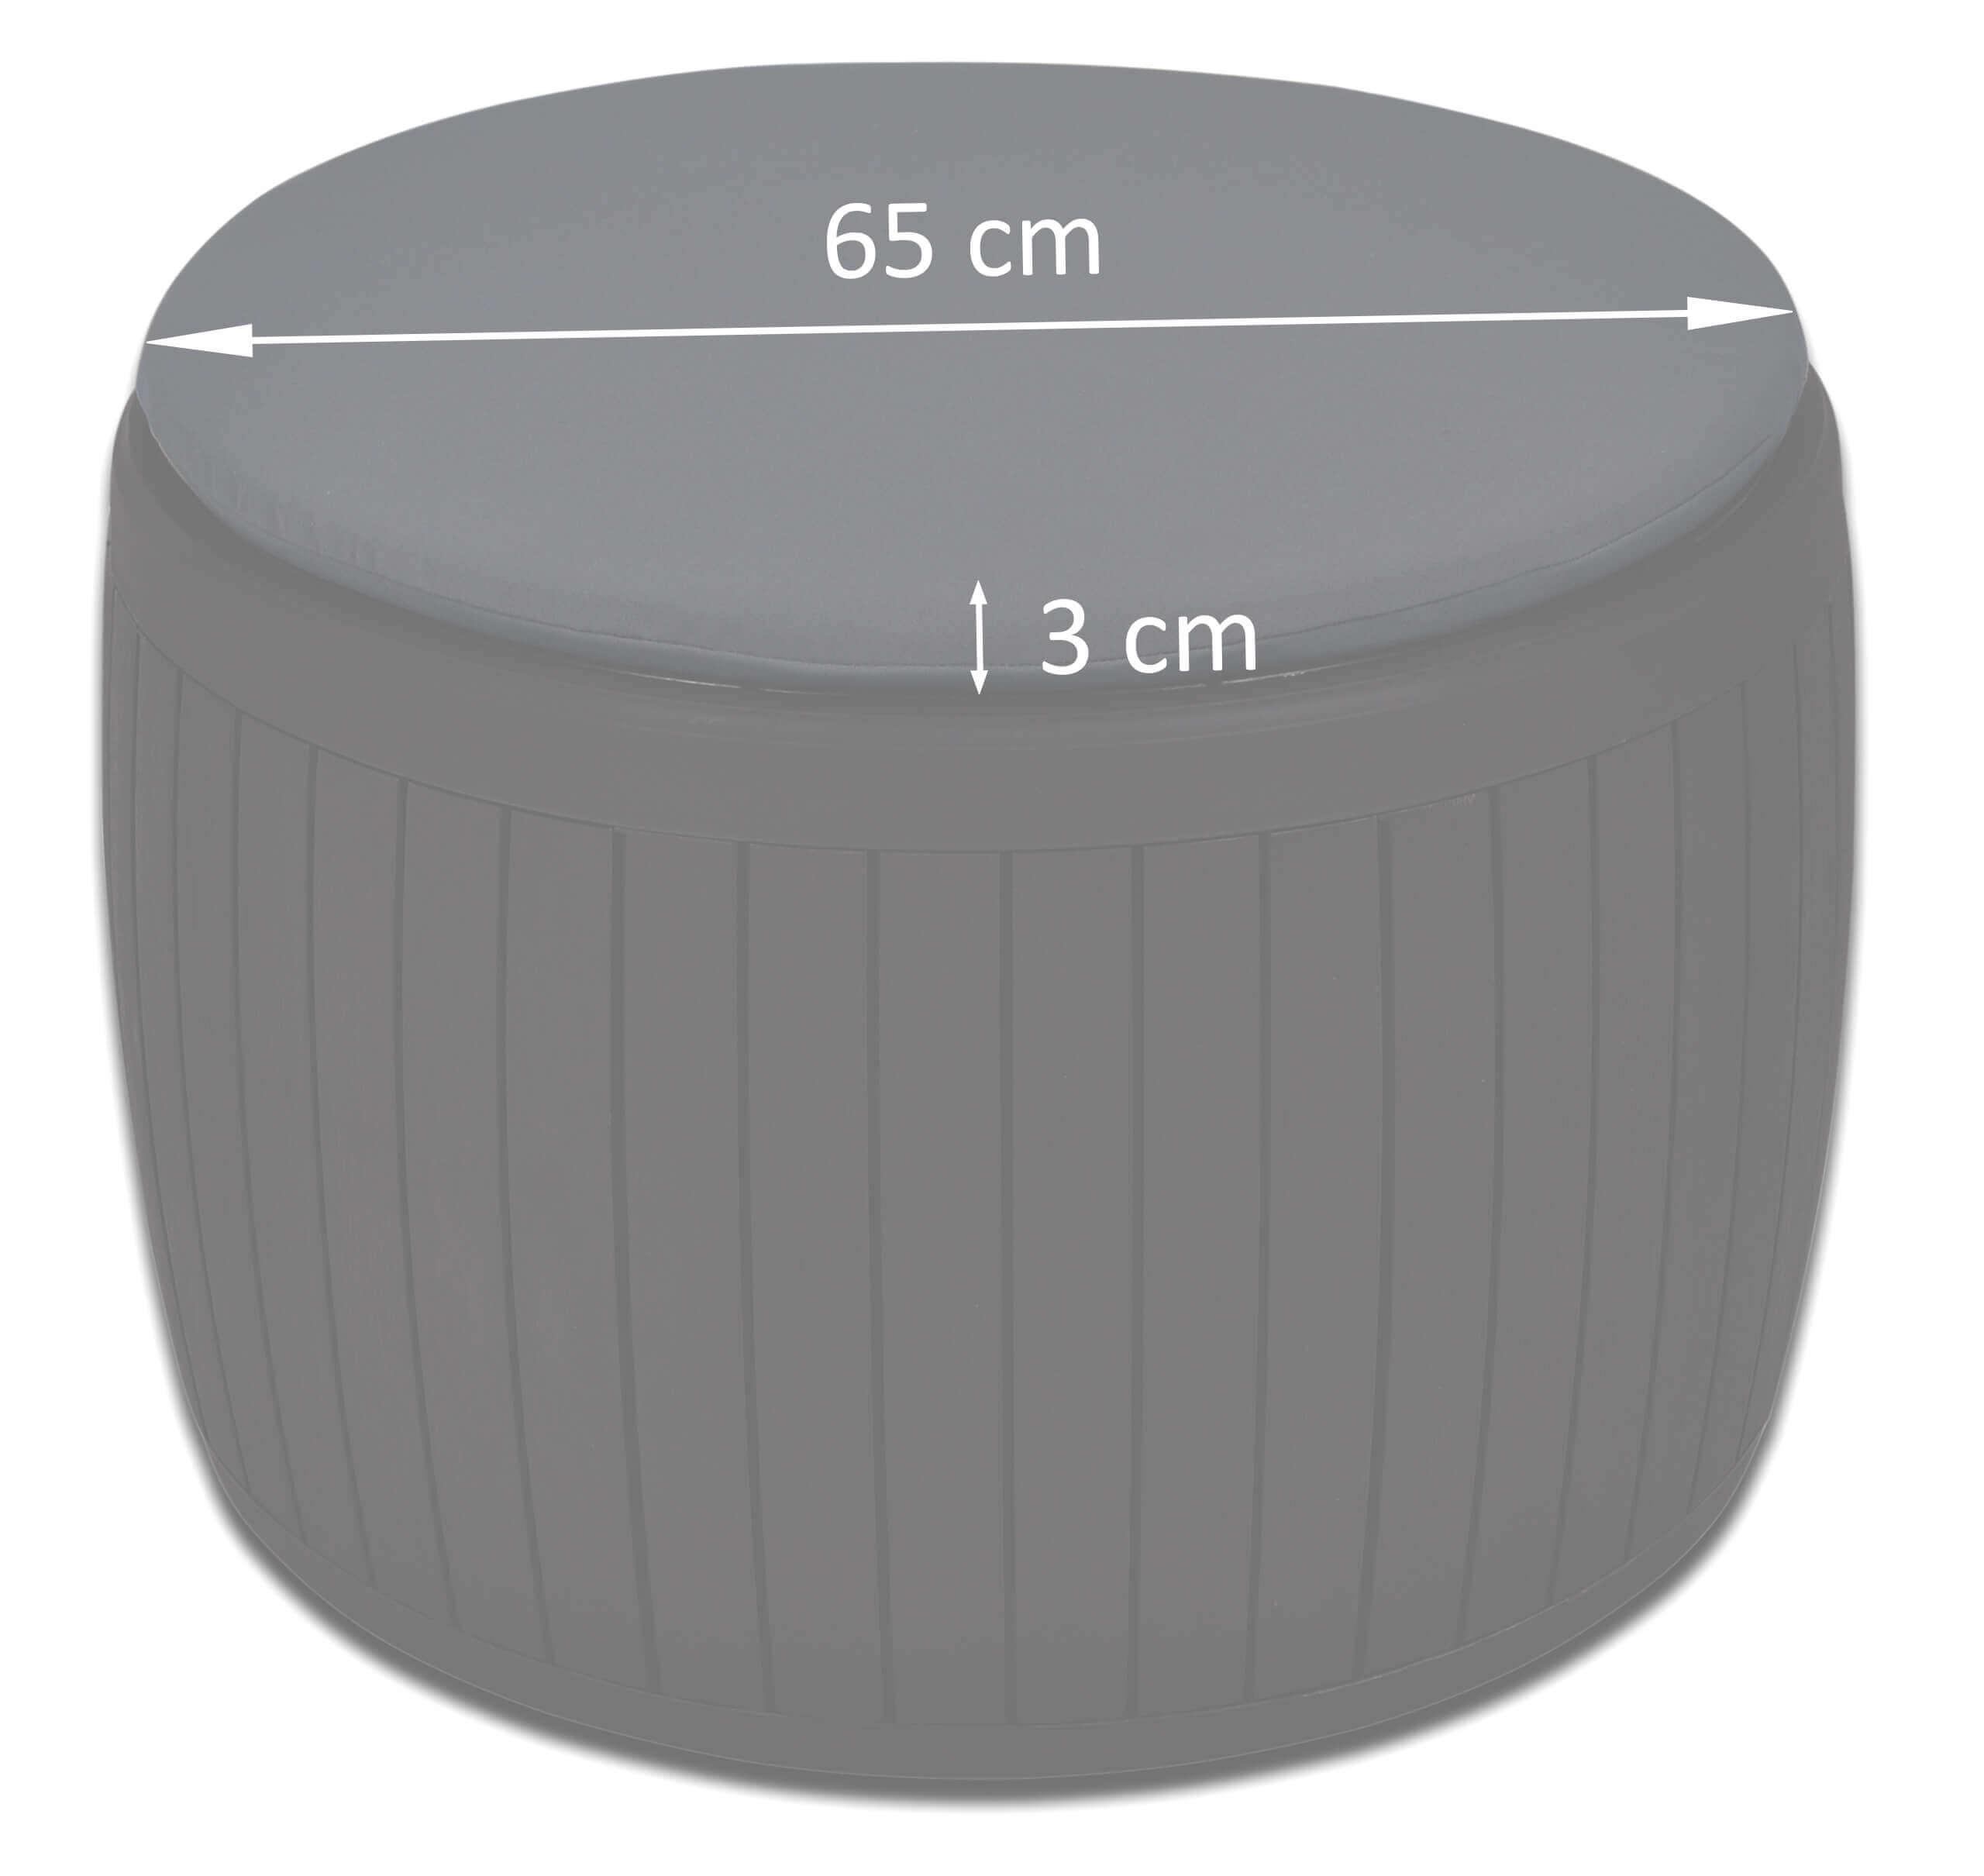 Wymiary okrągłej poduszki Circa